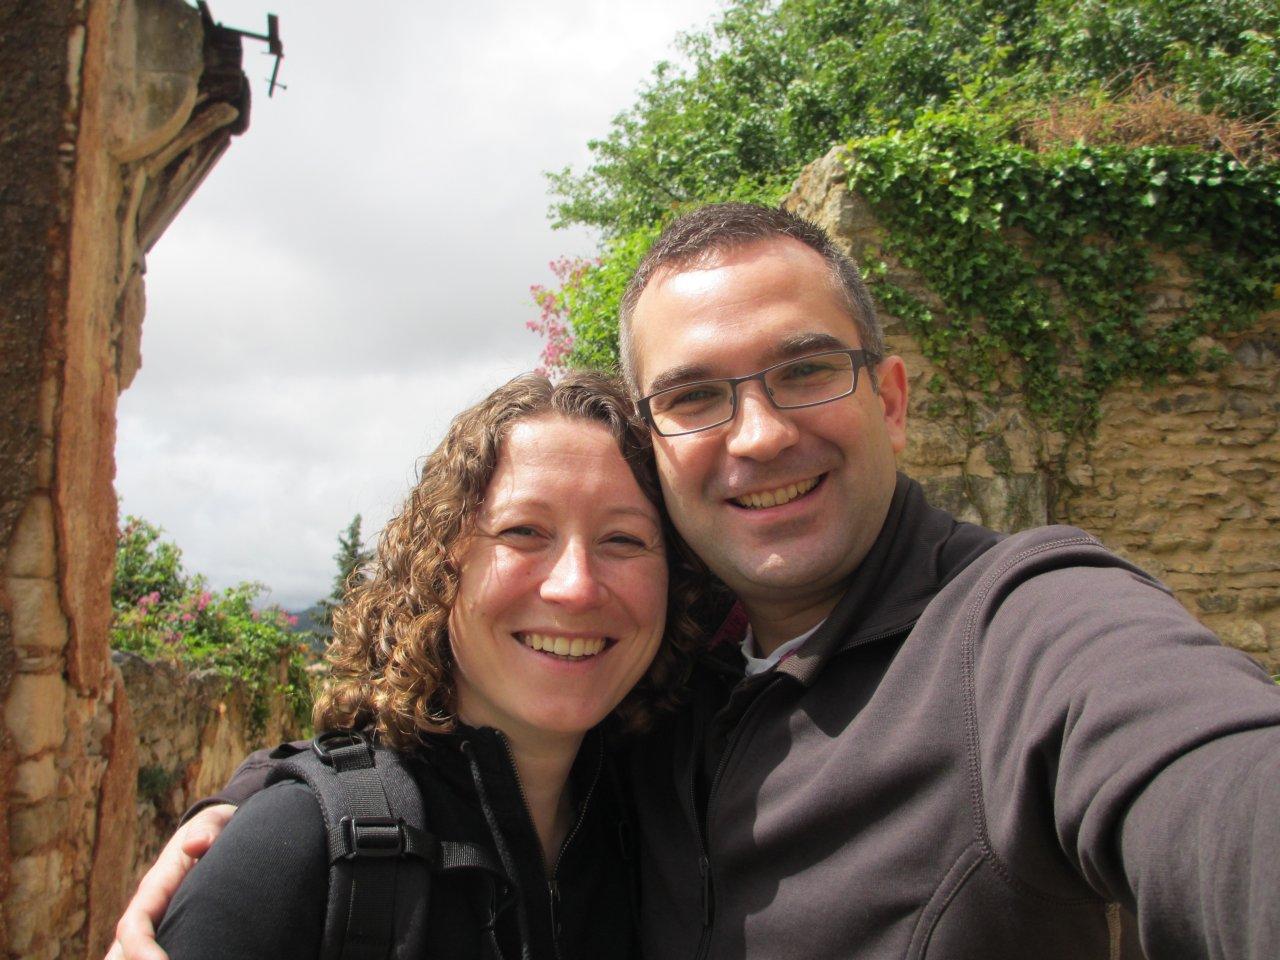 2012-05-22-12-42h-frankreich-provence-hochzeitsreise-087